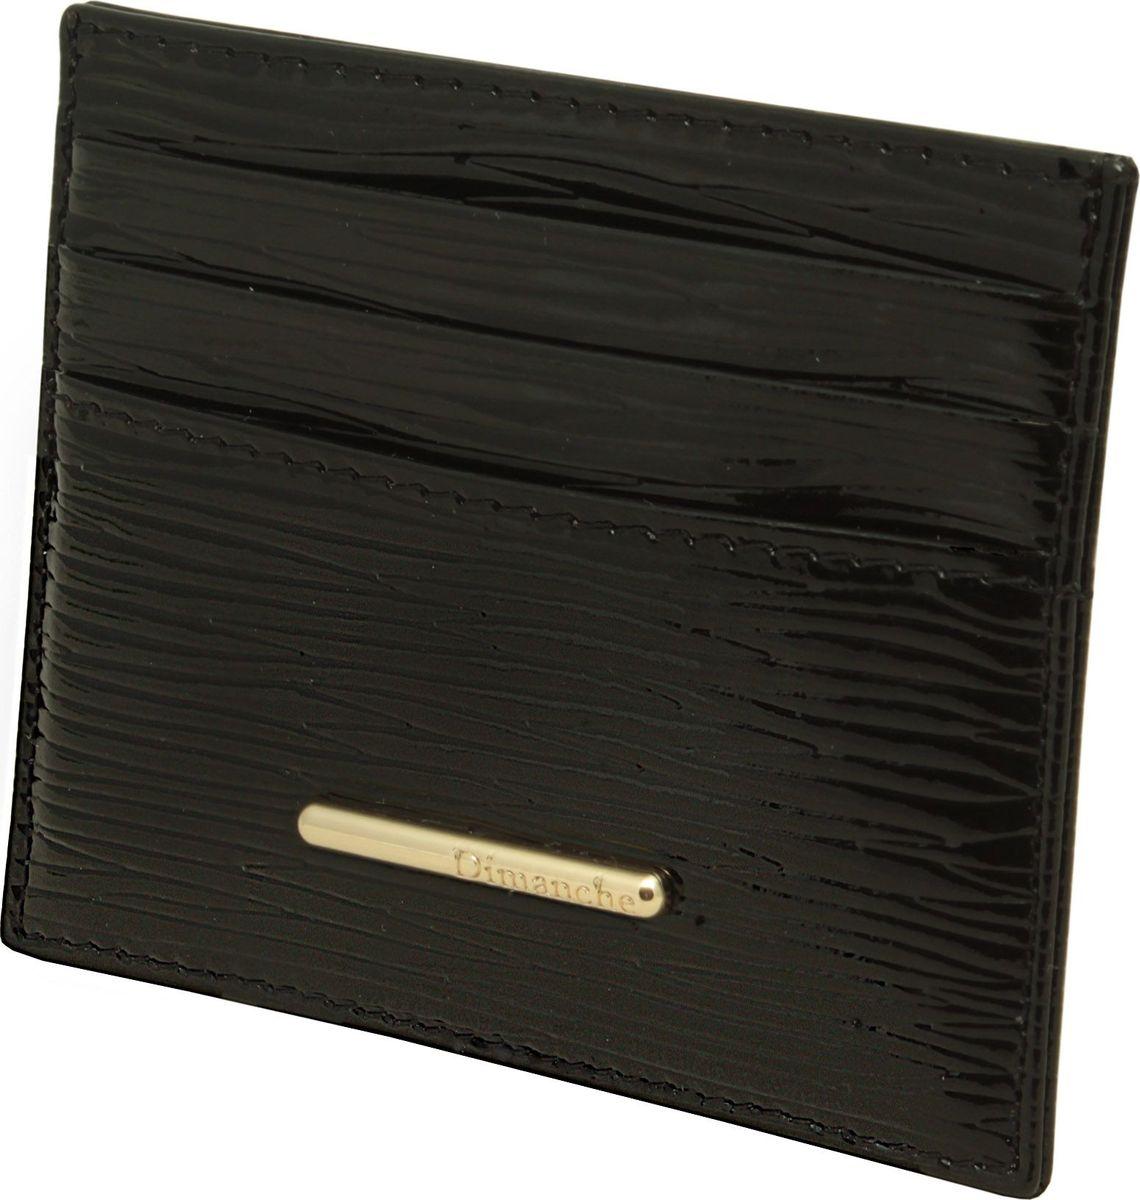 Визитница женская Dimanche Nice, цвет: черный. 290INT-06501Миниатюрная визитница Dimanche Nice для хранения визитных или кредитных кар изготовлена из натуральной кожи. С каждой стороны имеется по 3 кармашка и посередине потайной карман.